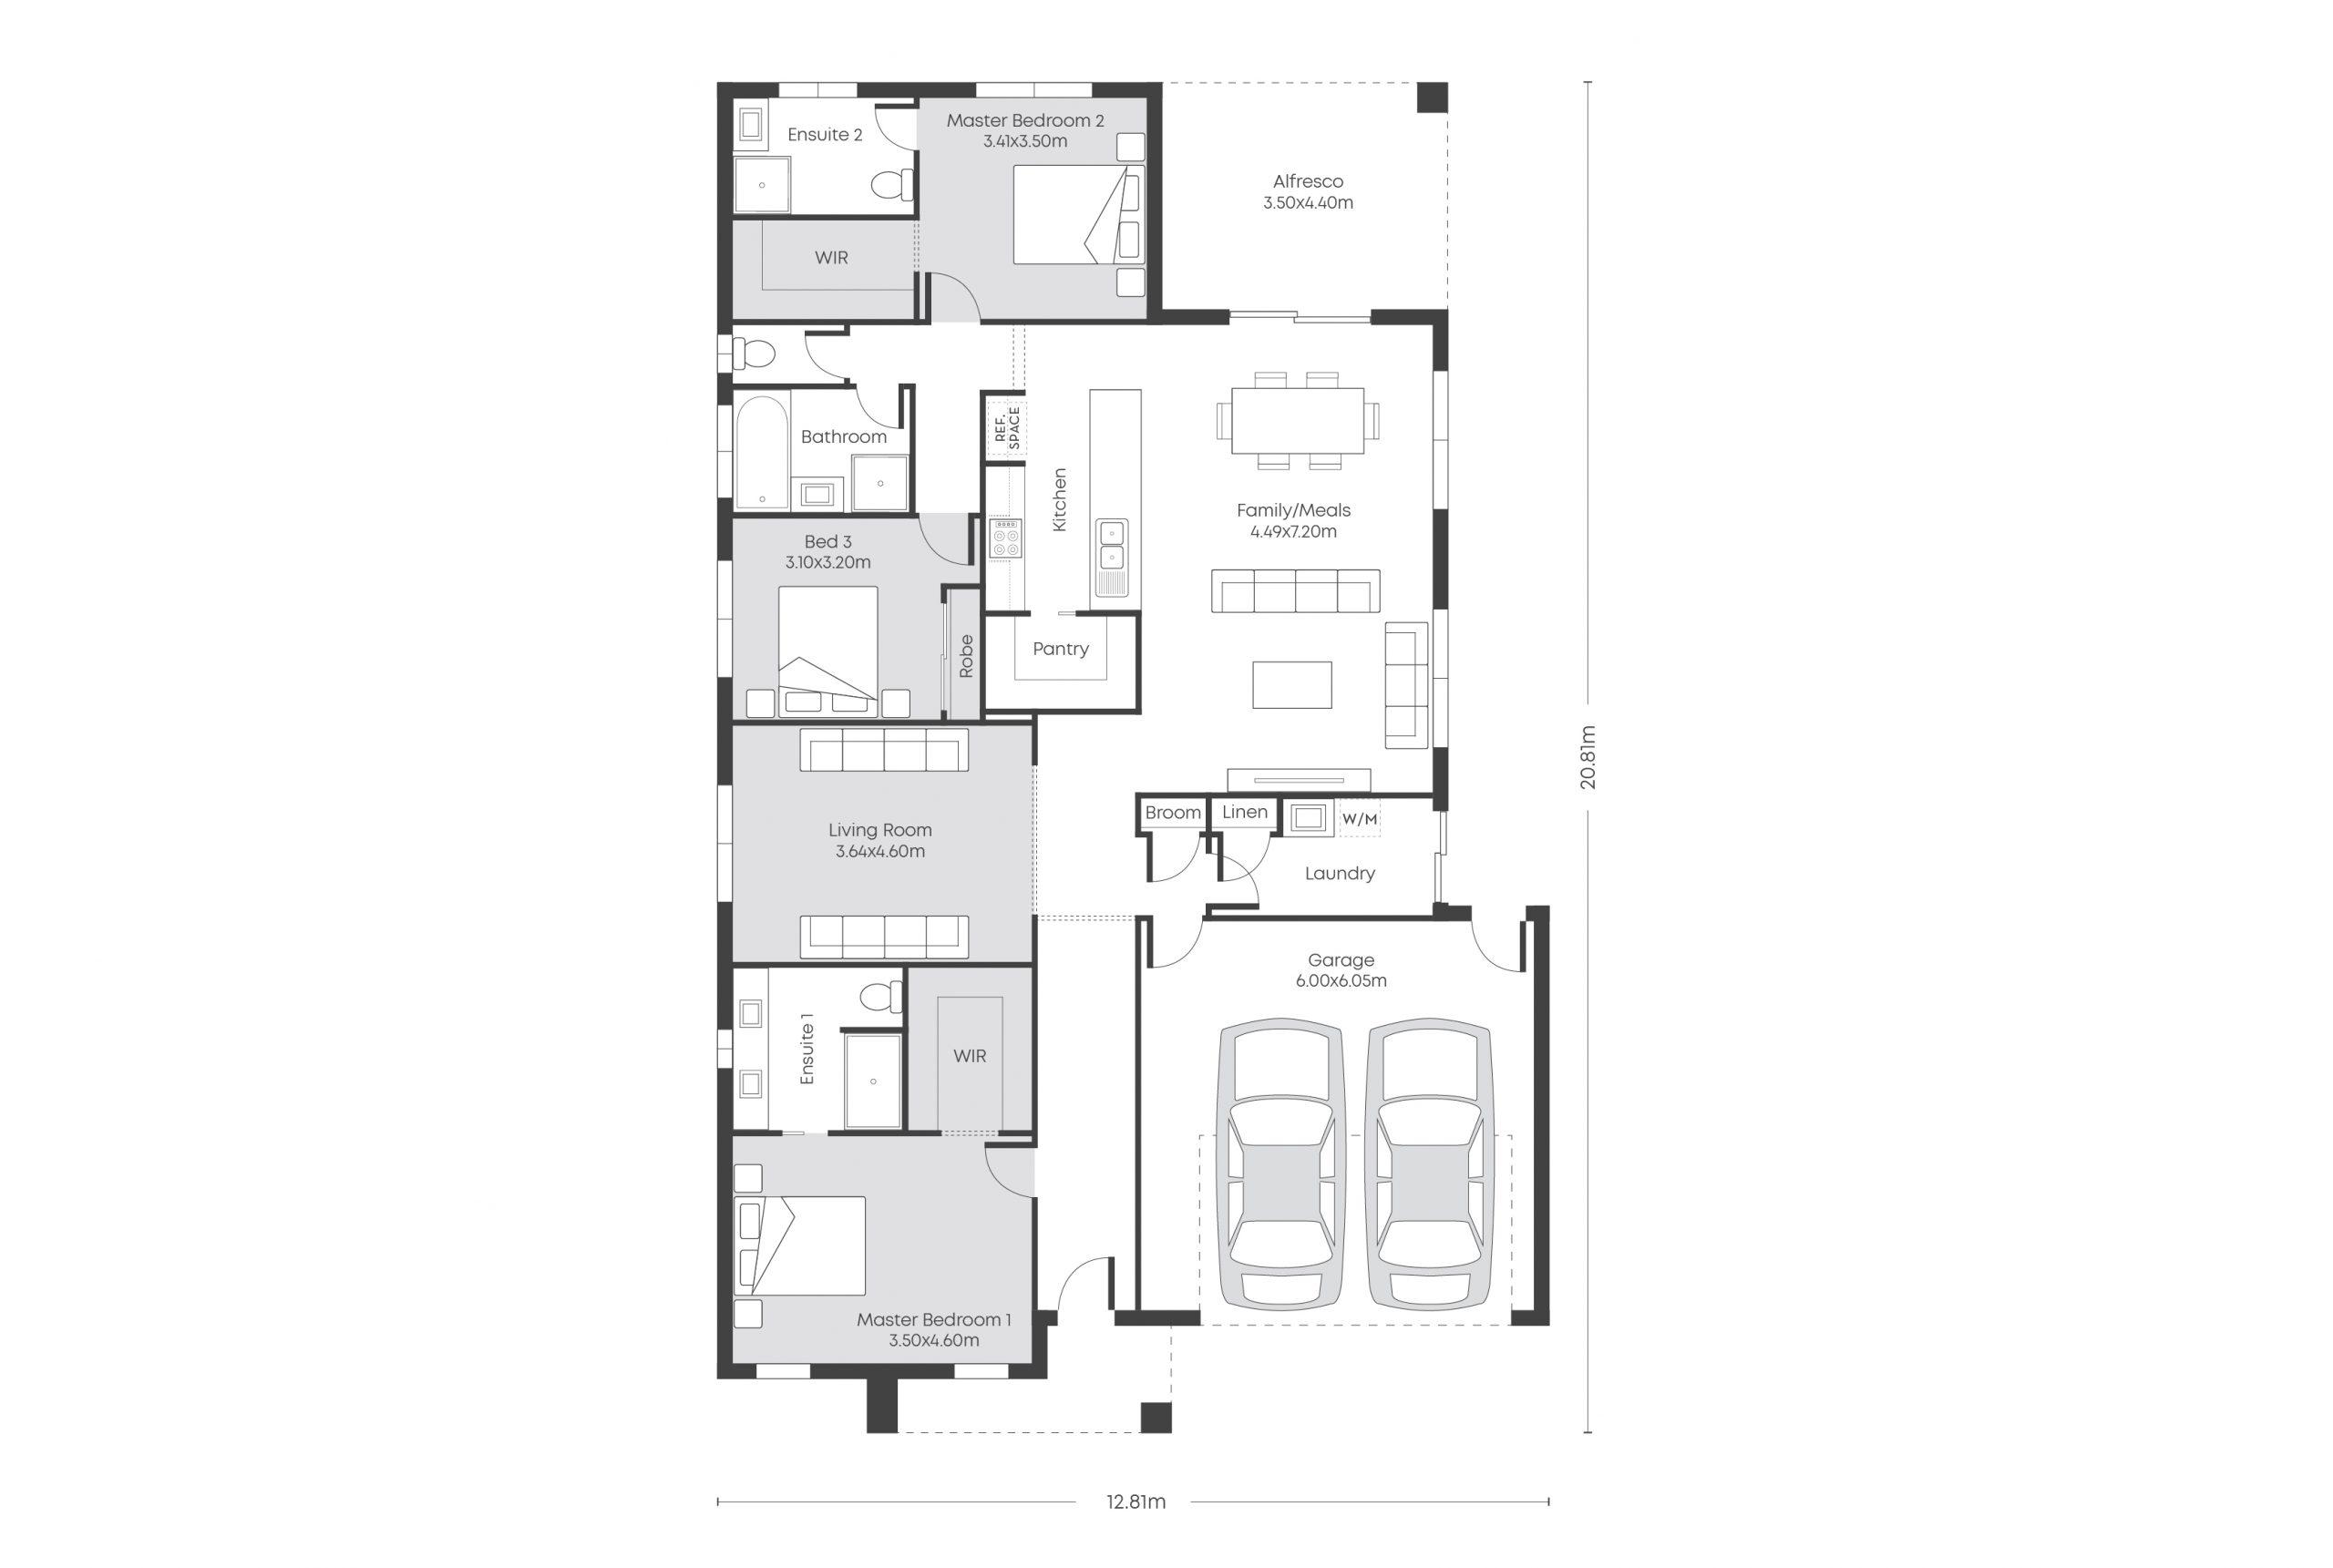 Chicago 25.5 – 2 Ensuites Floor Plans